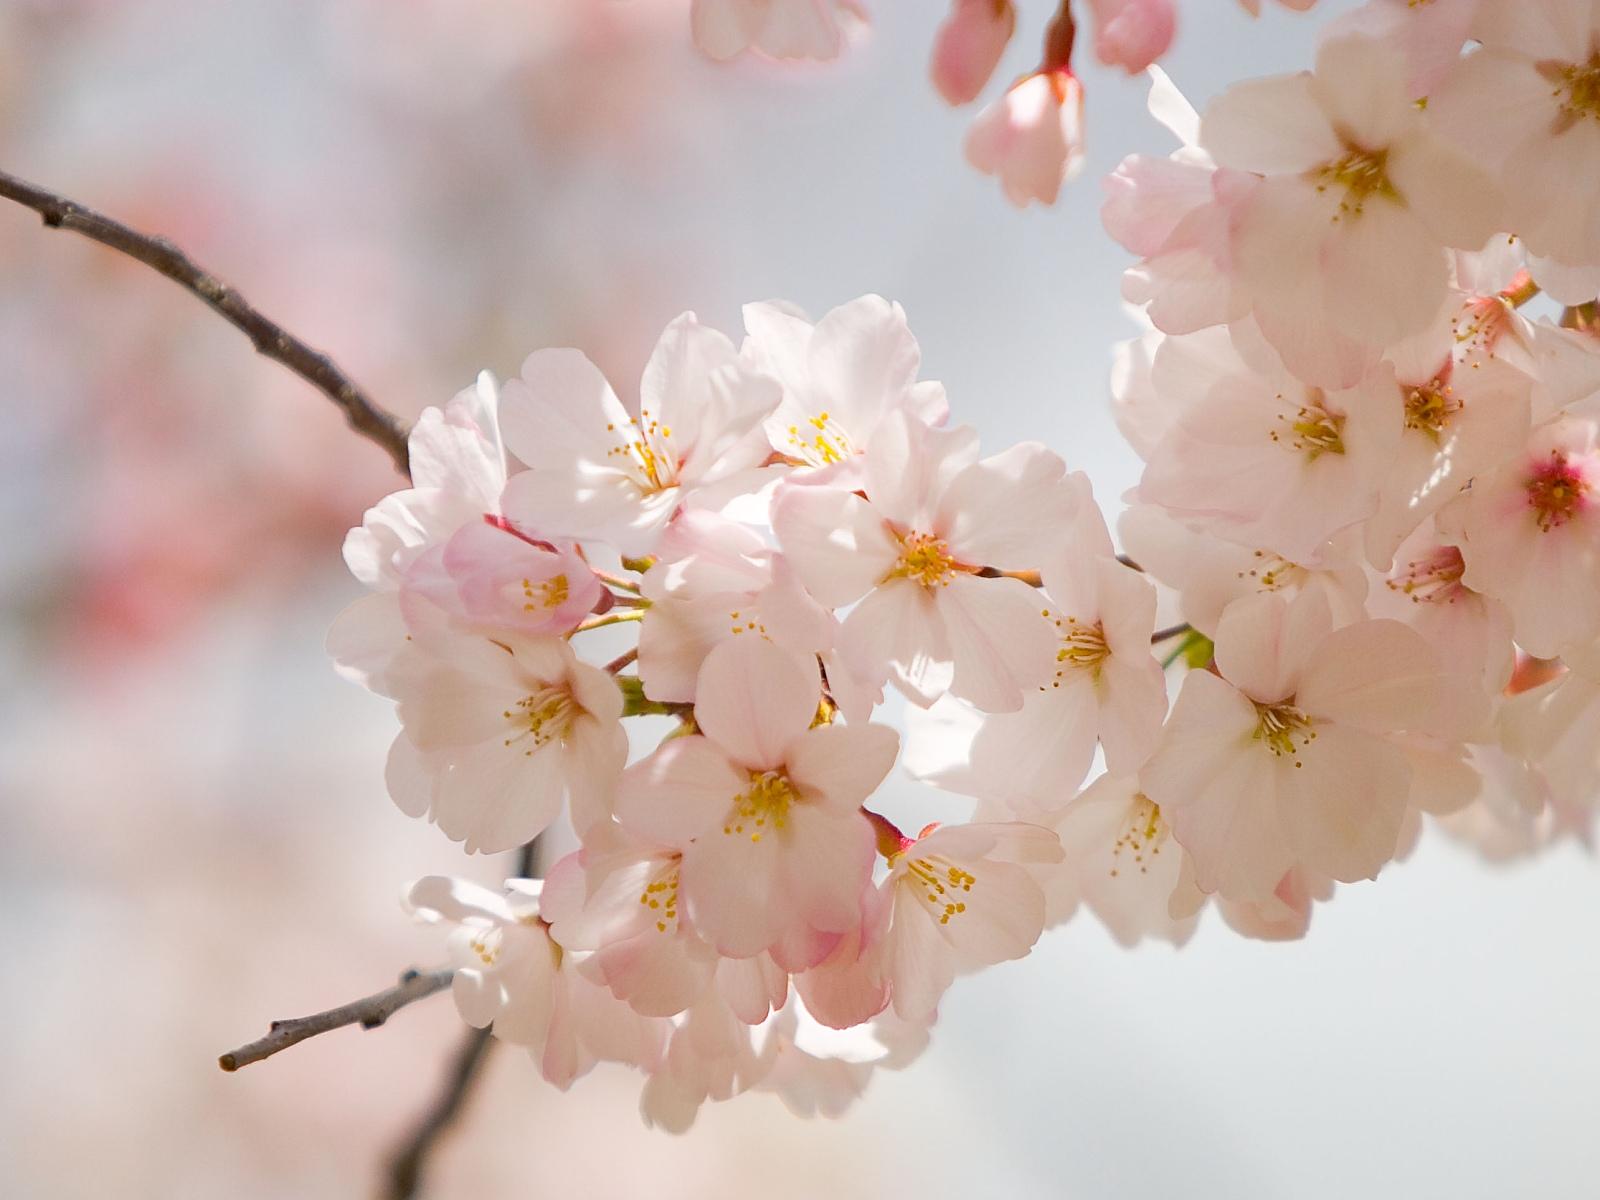 Ilkbaharı seviyorummm very happy spring spirit